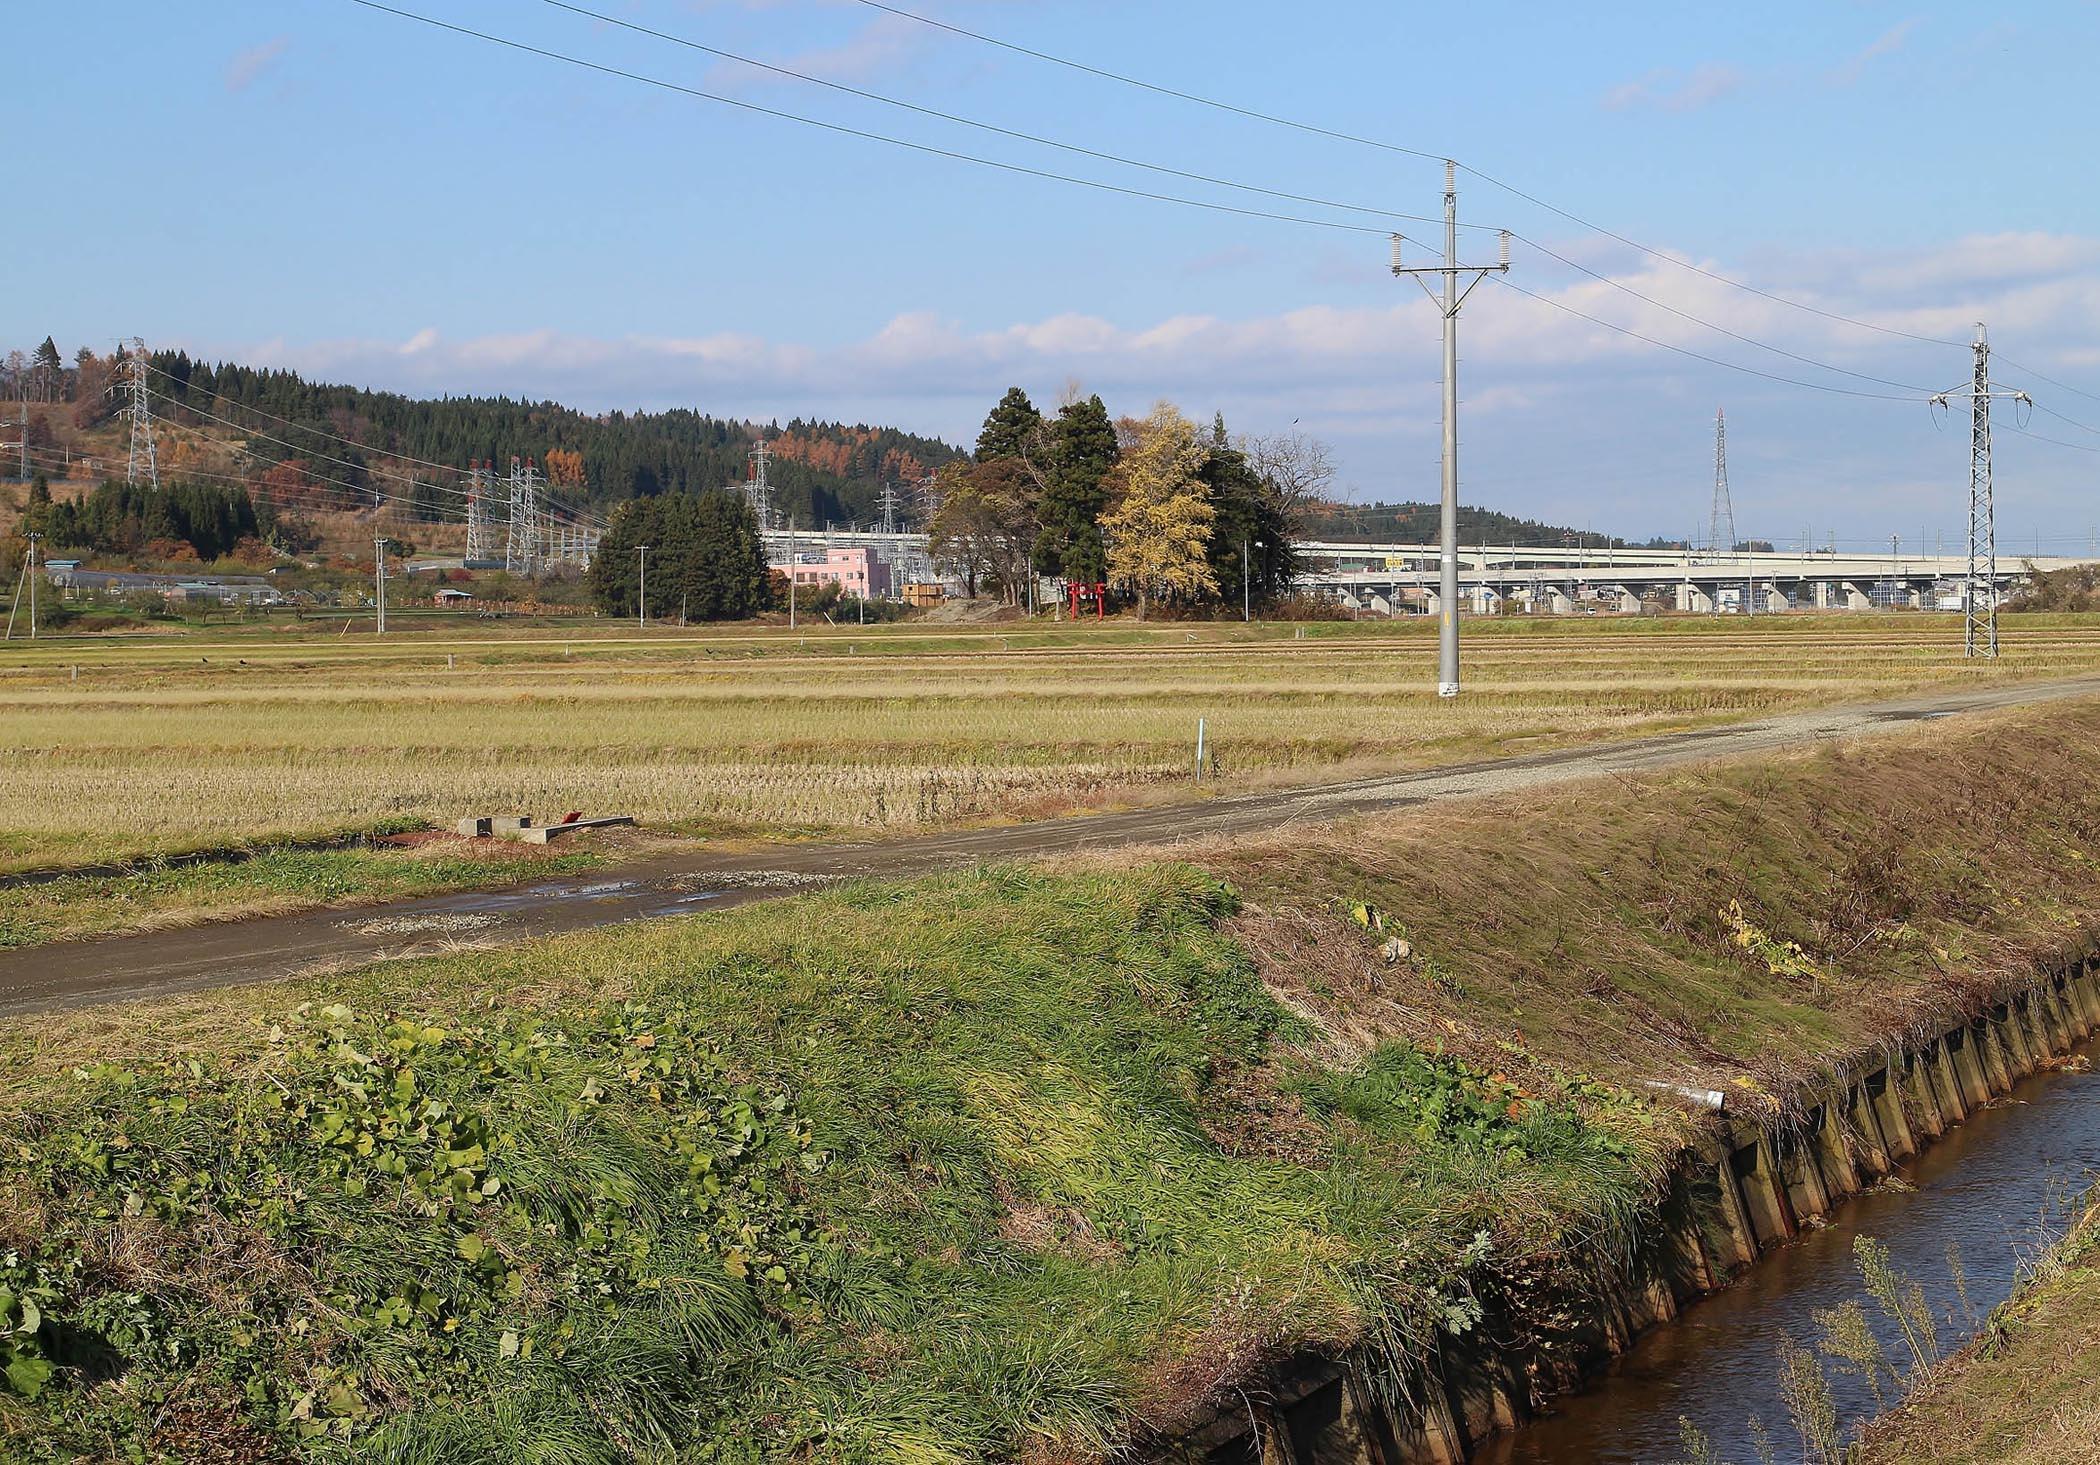 写真2 現在の同じ場所から写した風景。2016(平成28)年11月撮影。